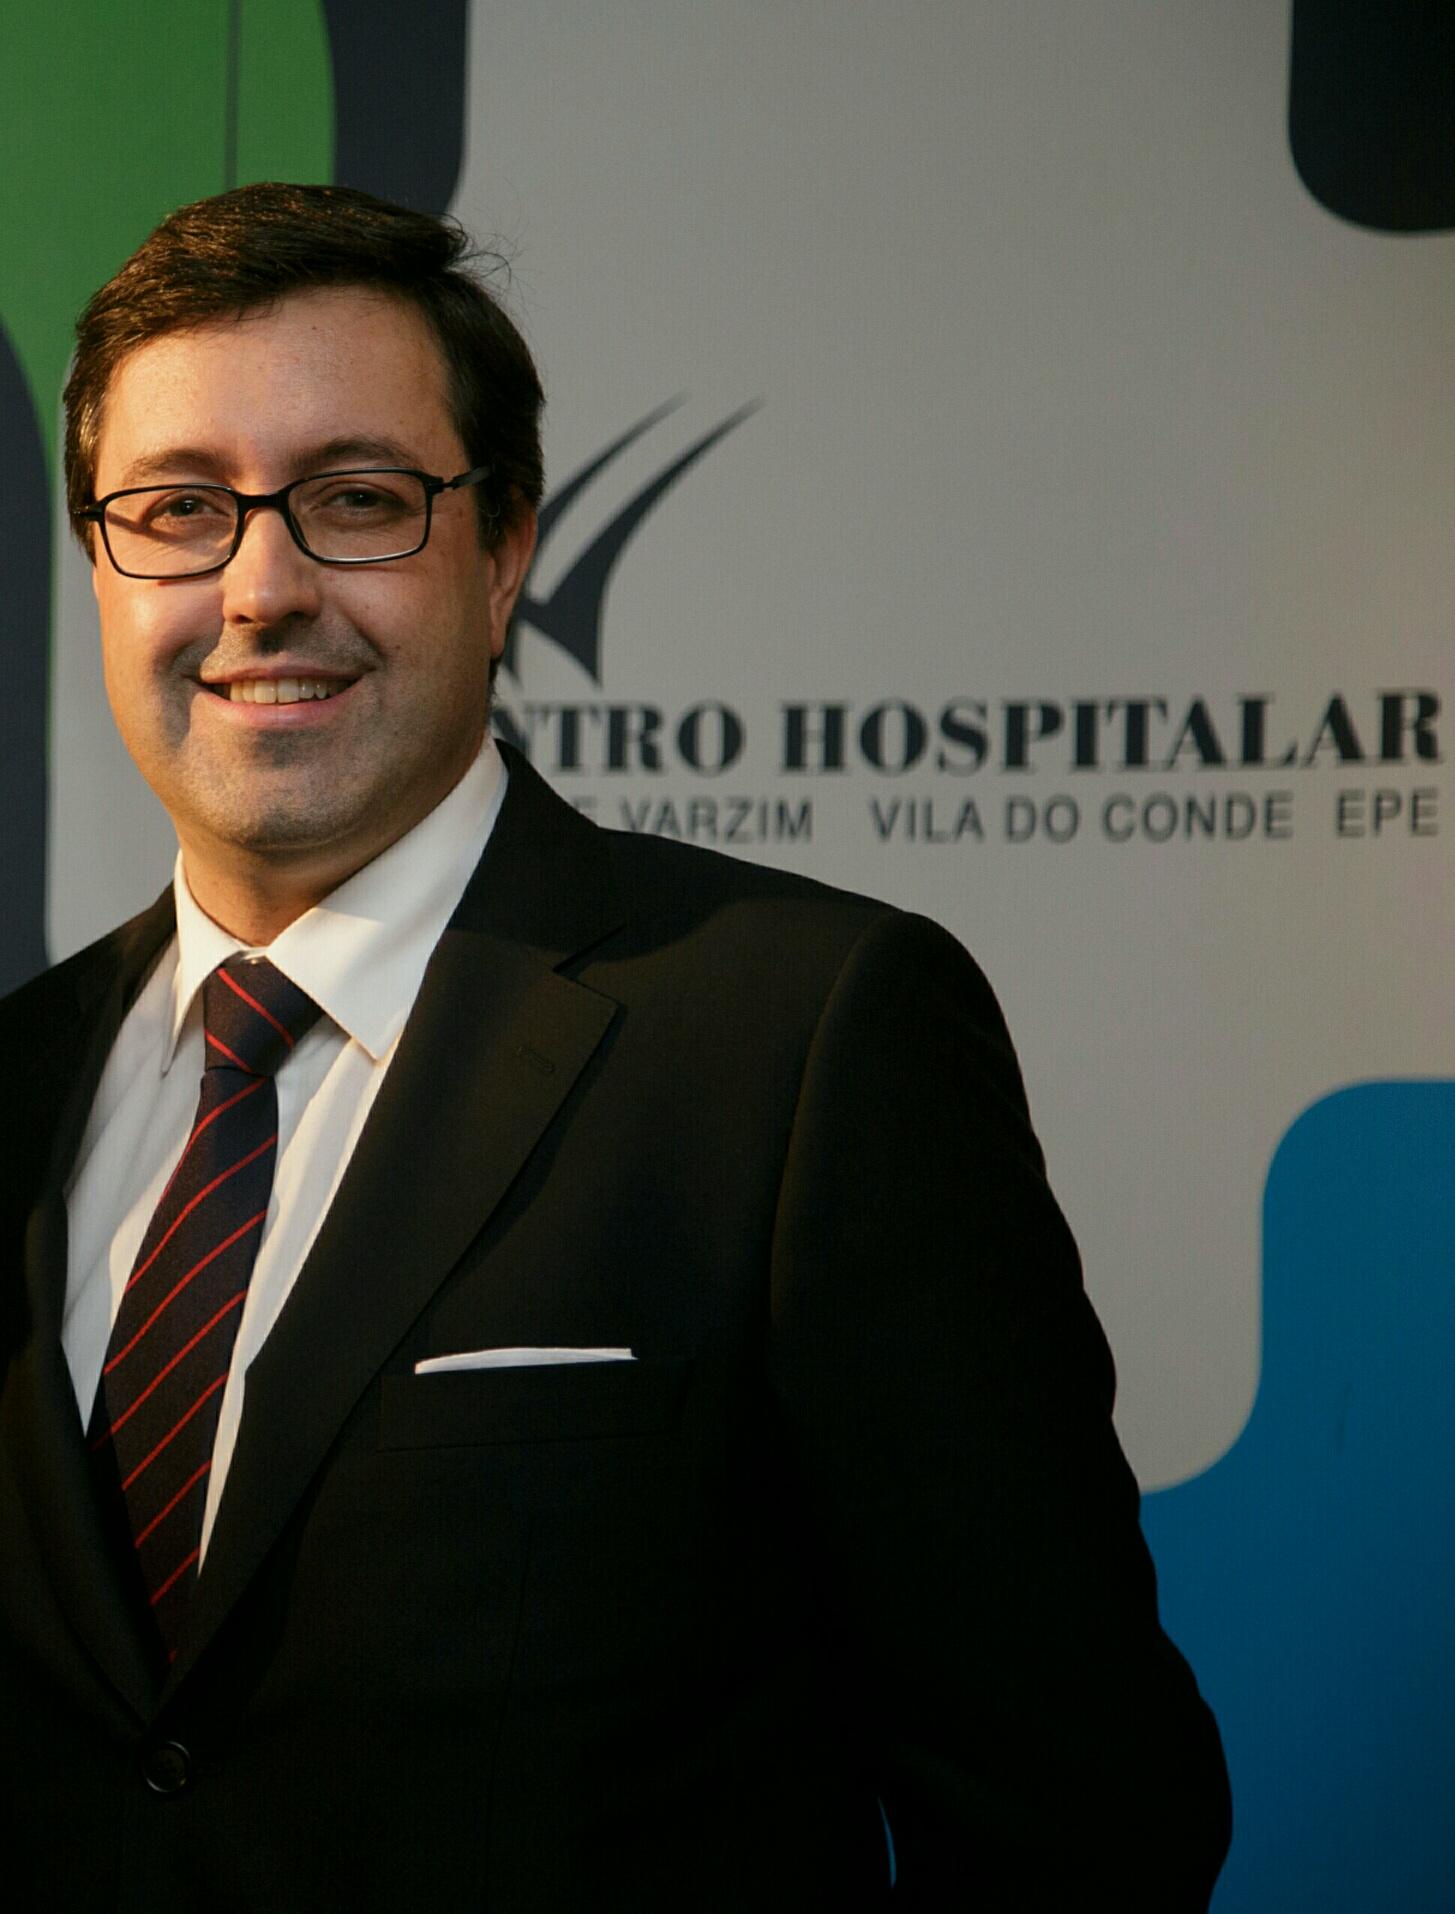 José Manuel de Araújo Cardoso